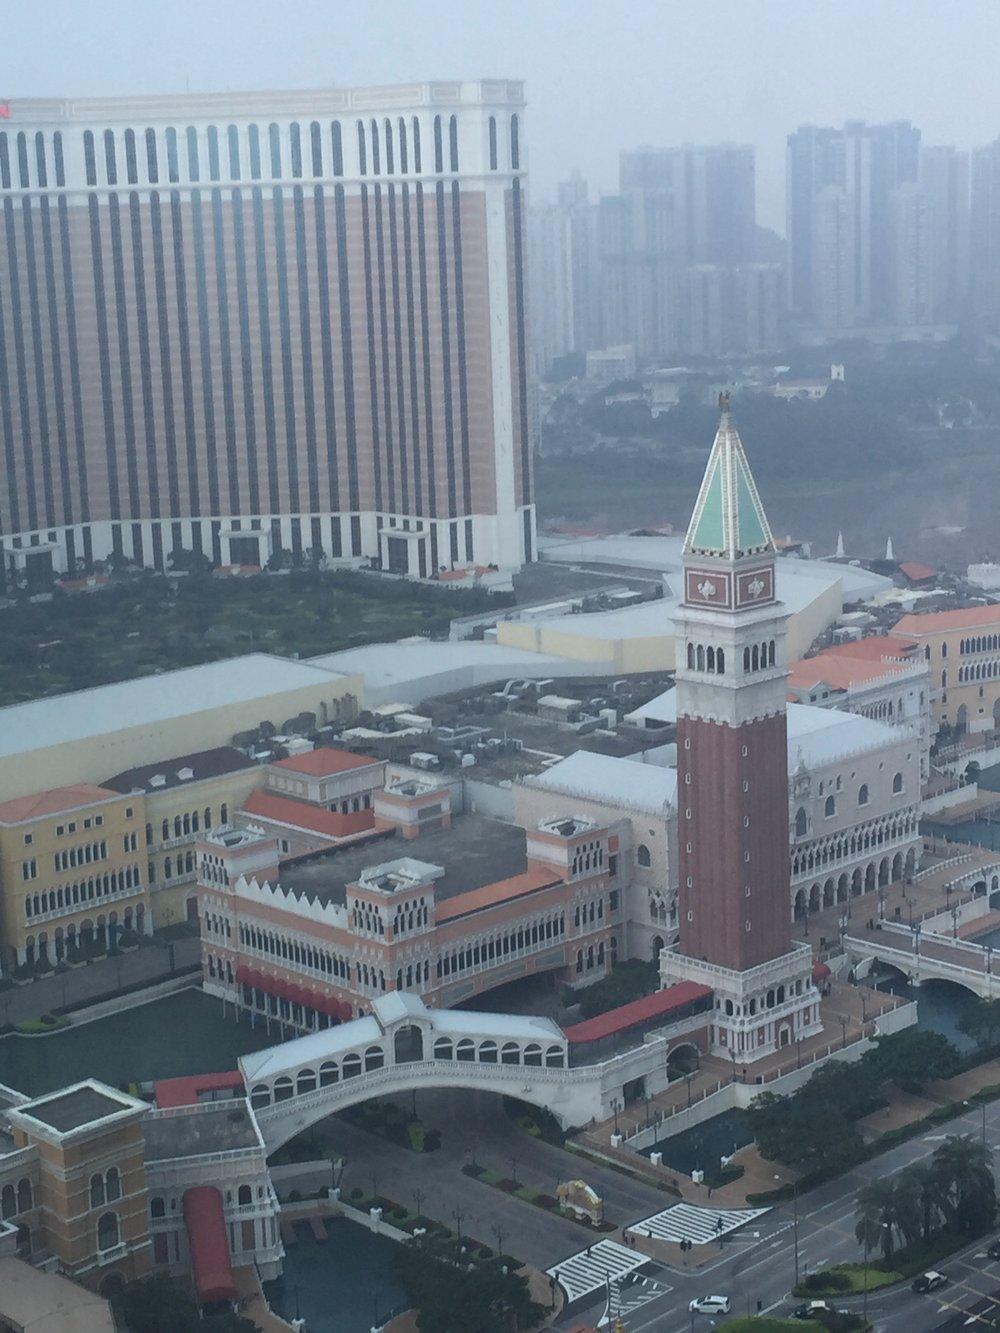 Macau casino complex